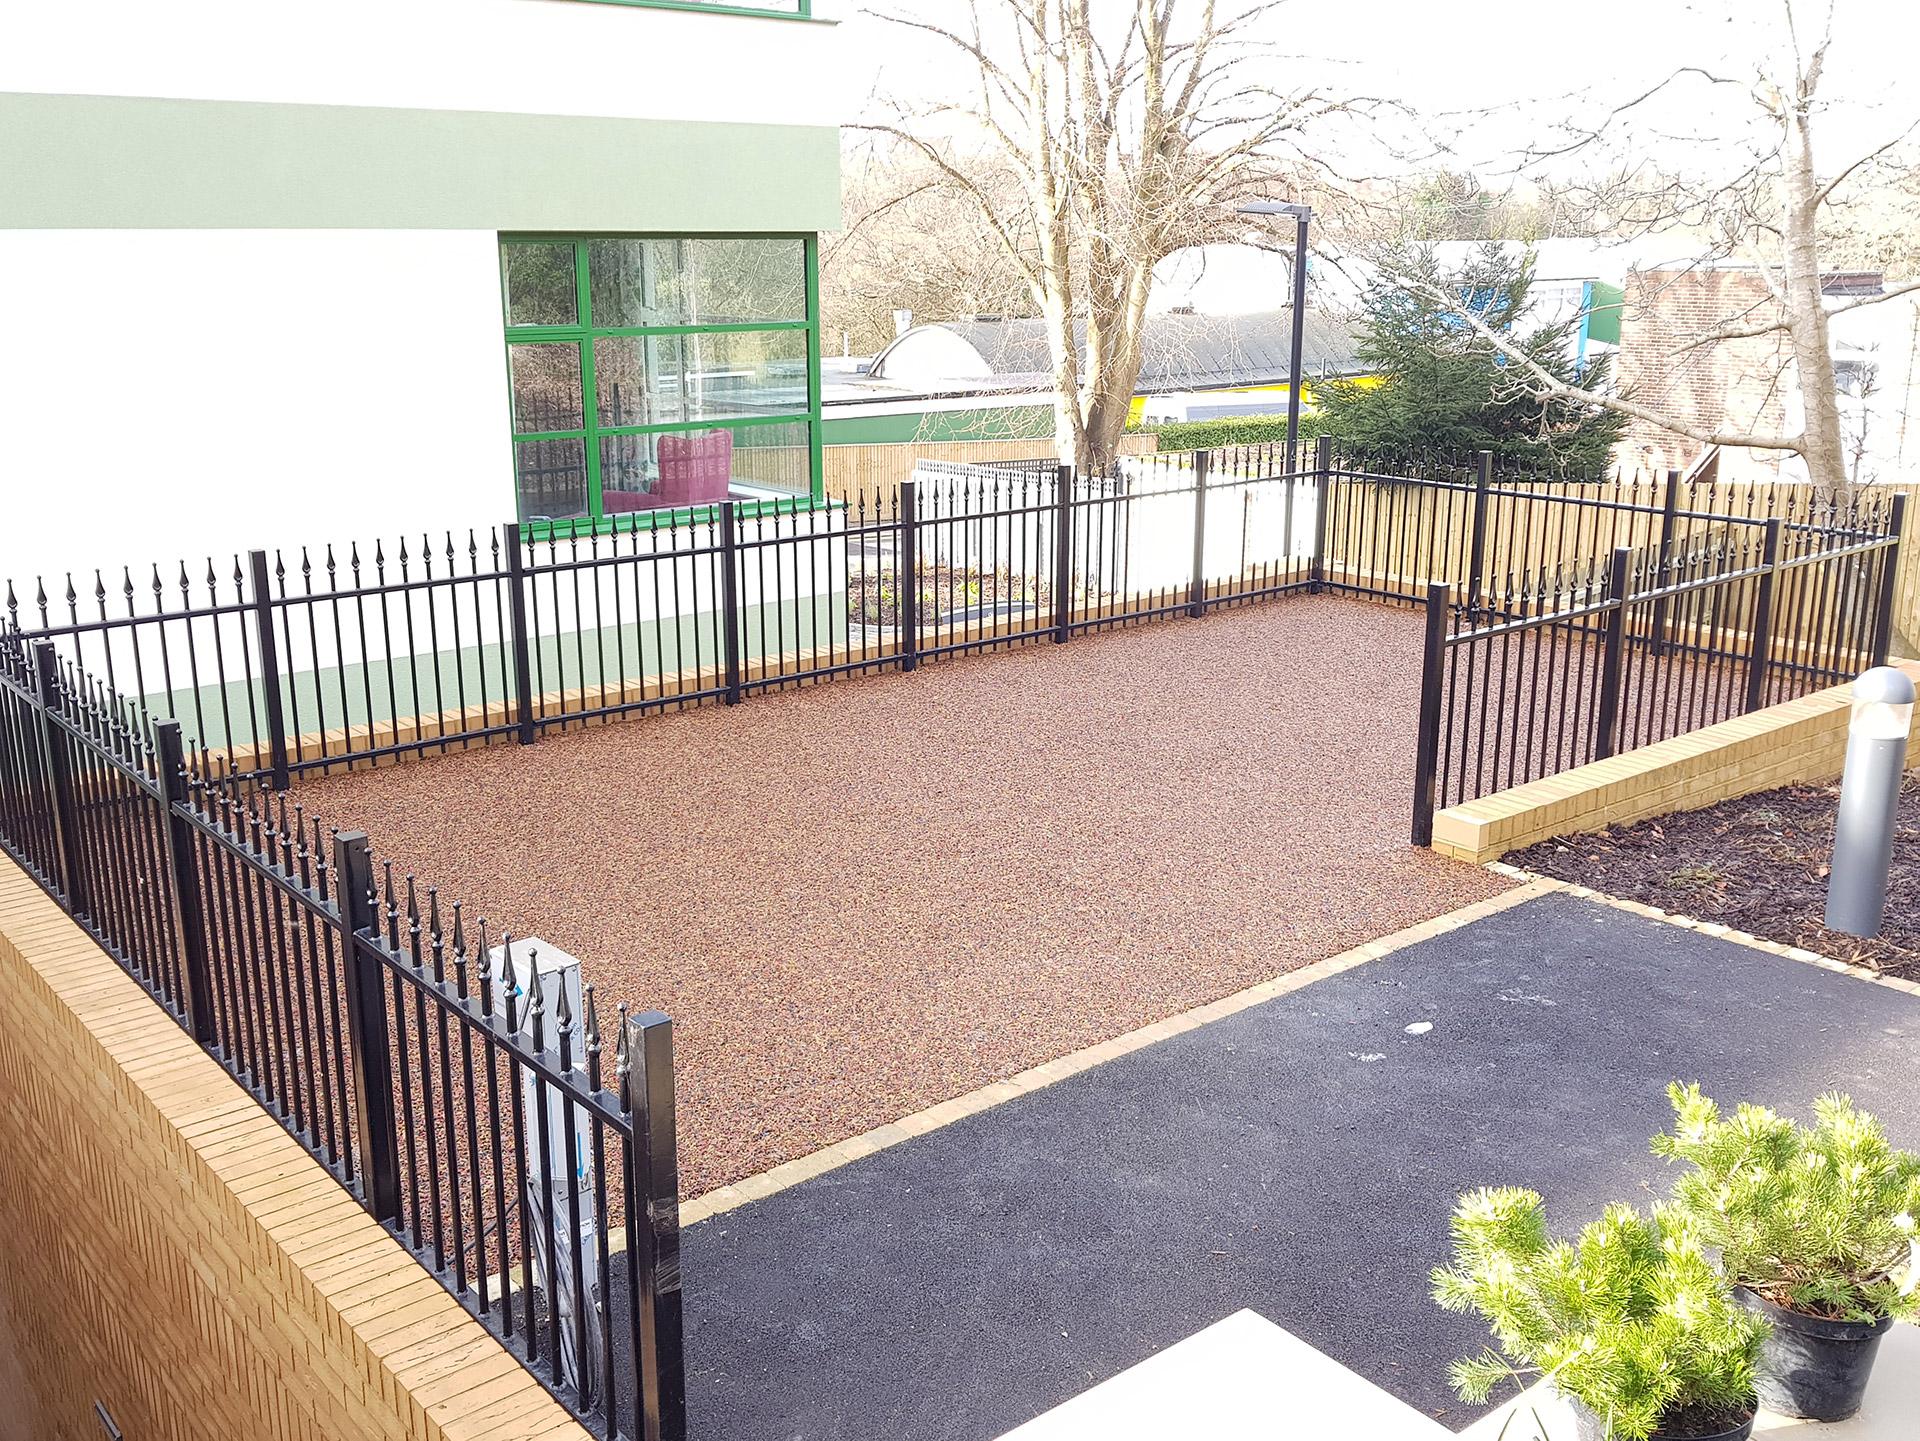 rubber mulch area